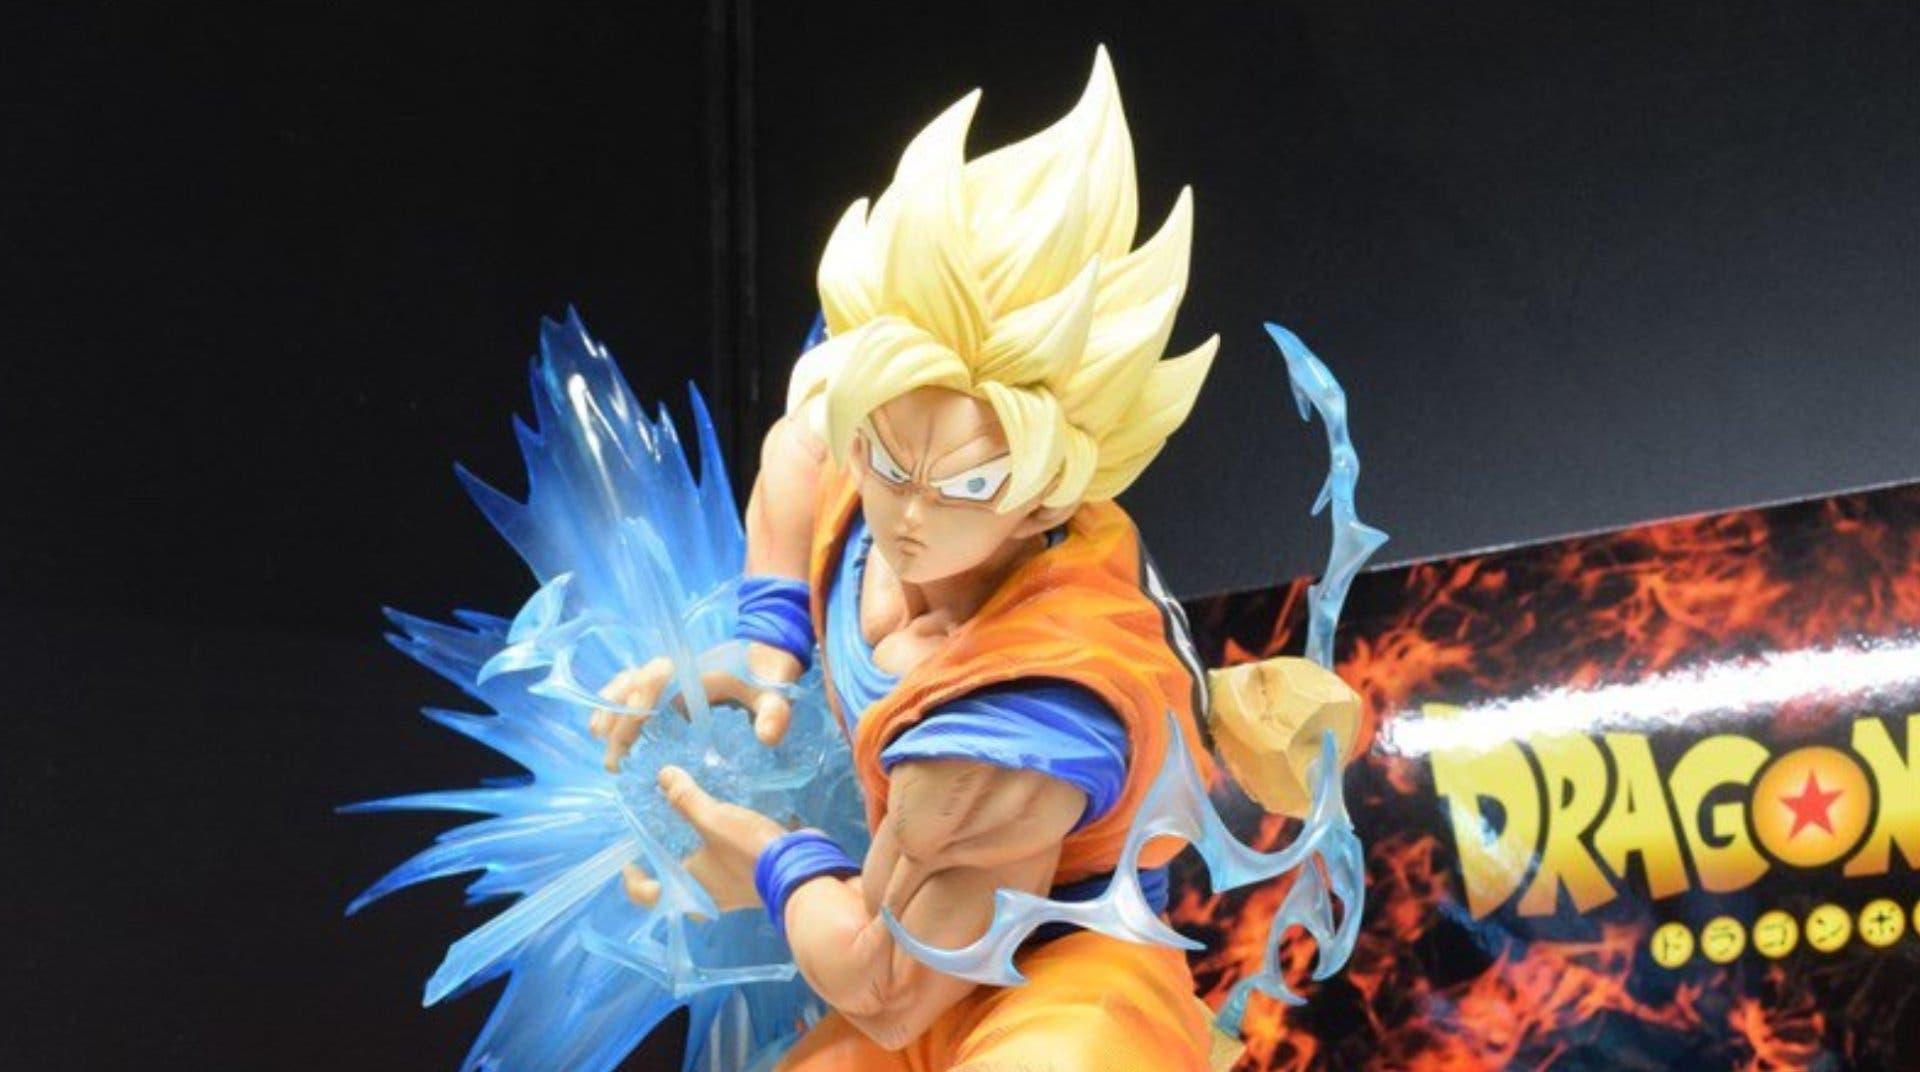 Imagen de Megahouse y Prime 1 Studio se unen para crear una brutal figura de Goku en Dragon Ball Z